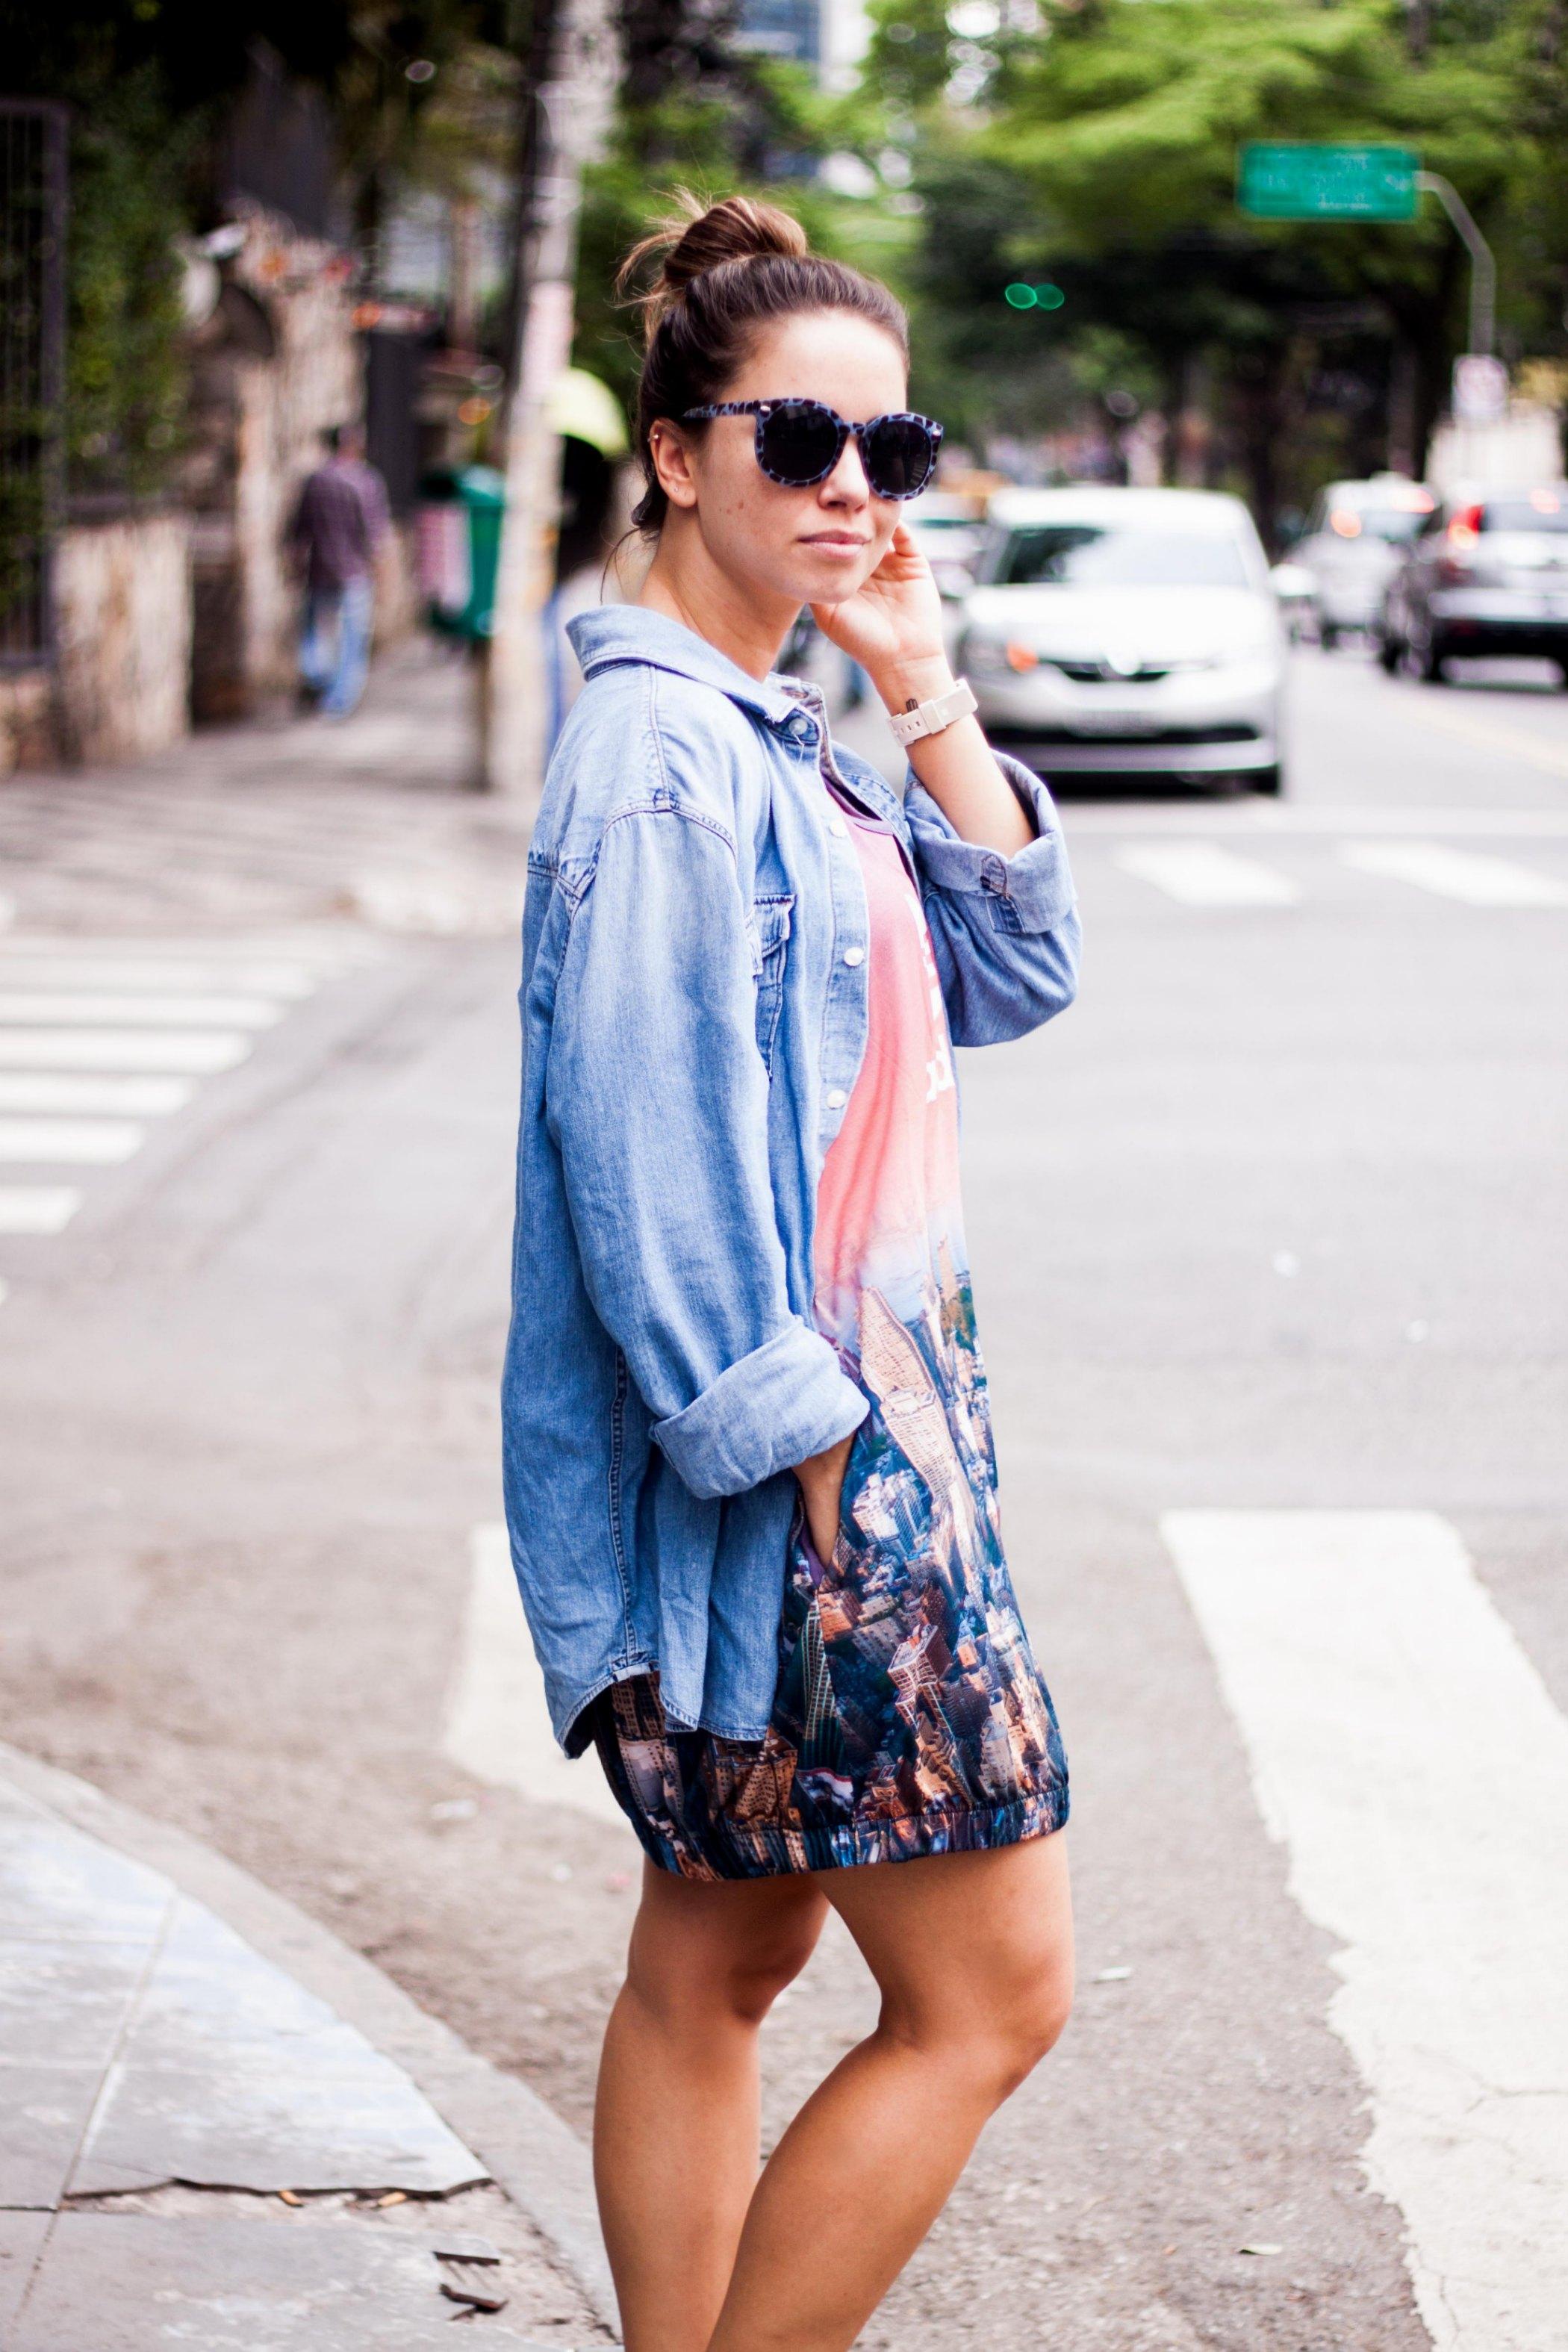 juliana goes | juliana goes blog | look do dia | look casual | look anos 90 | jeans | adidas originals | reebok freestyle | casio | style | brazilian fashion blogger | dica de moda | inspiração de moda | moda básica | moda fácil | blog de moda